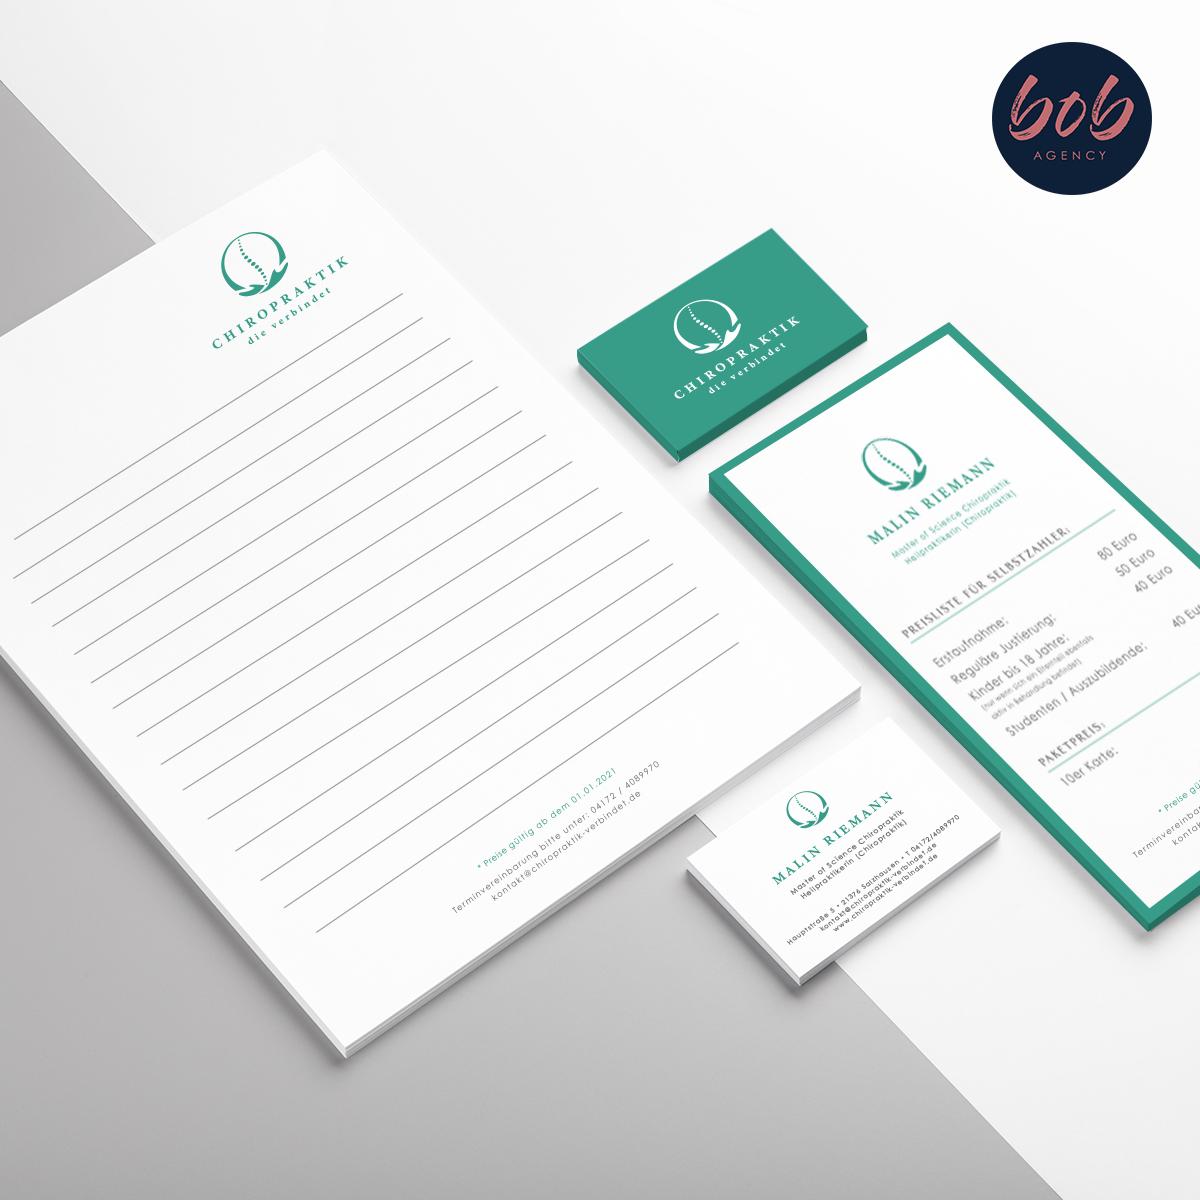 Bob Agency -Werbeagentur für Corporate Design - Chiropraktik - Malin Riemann